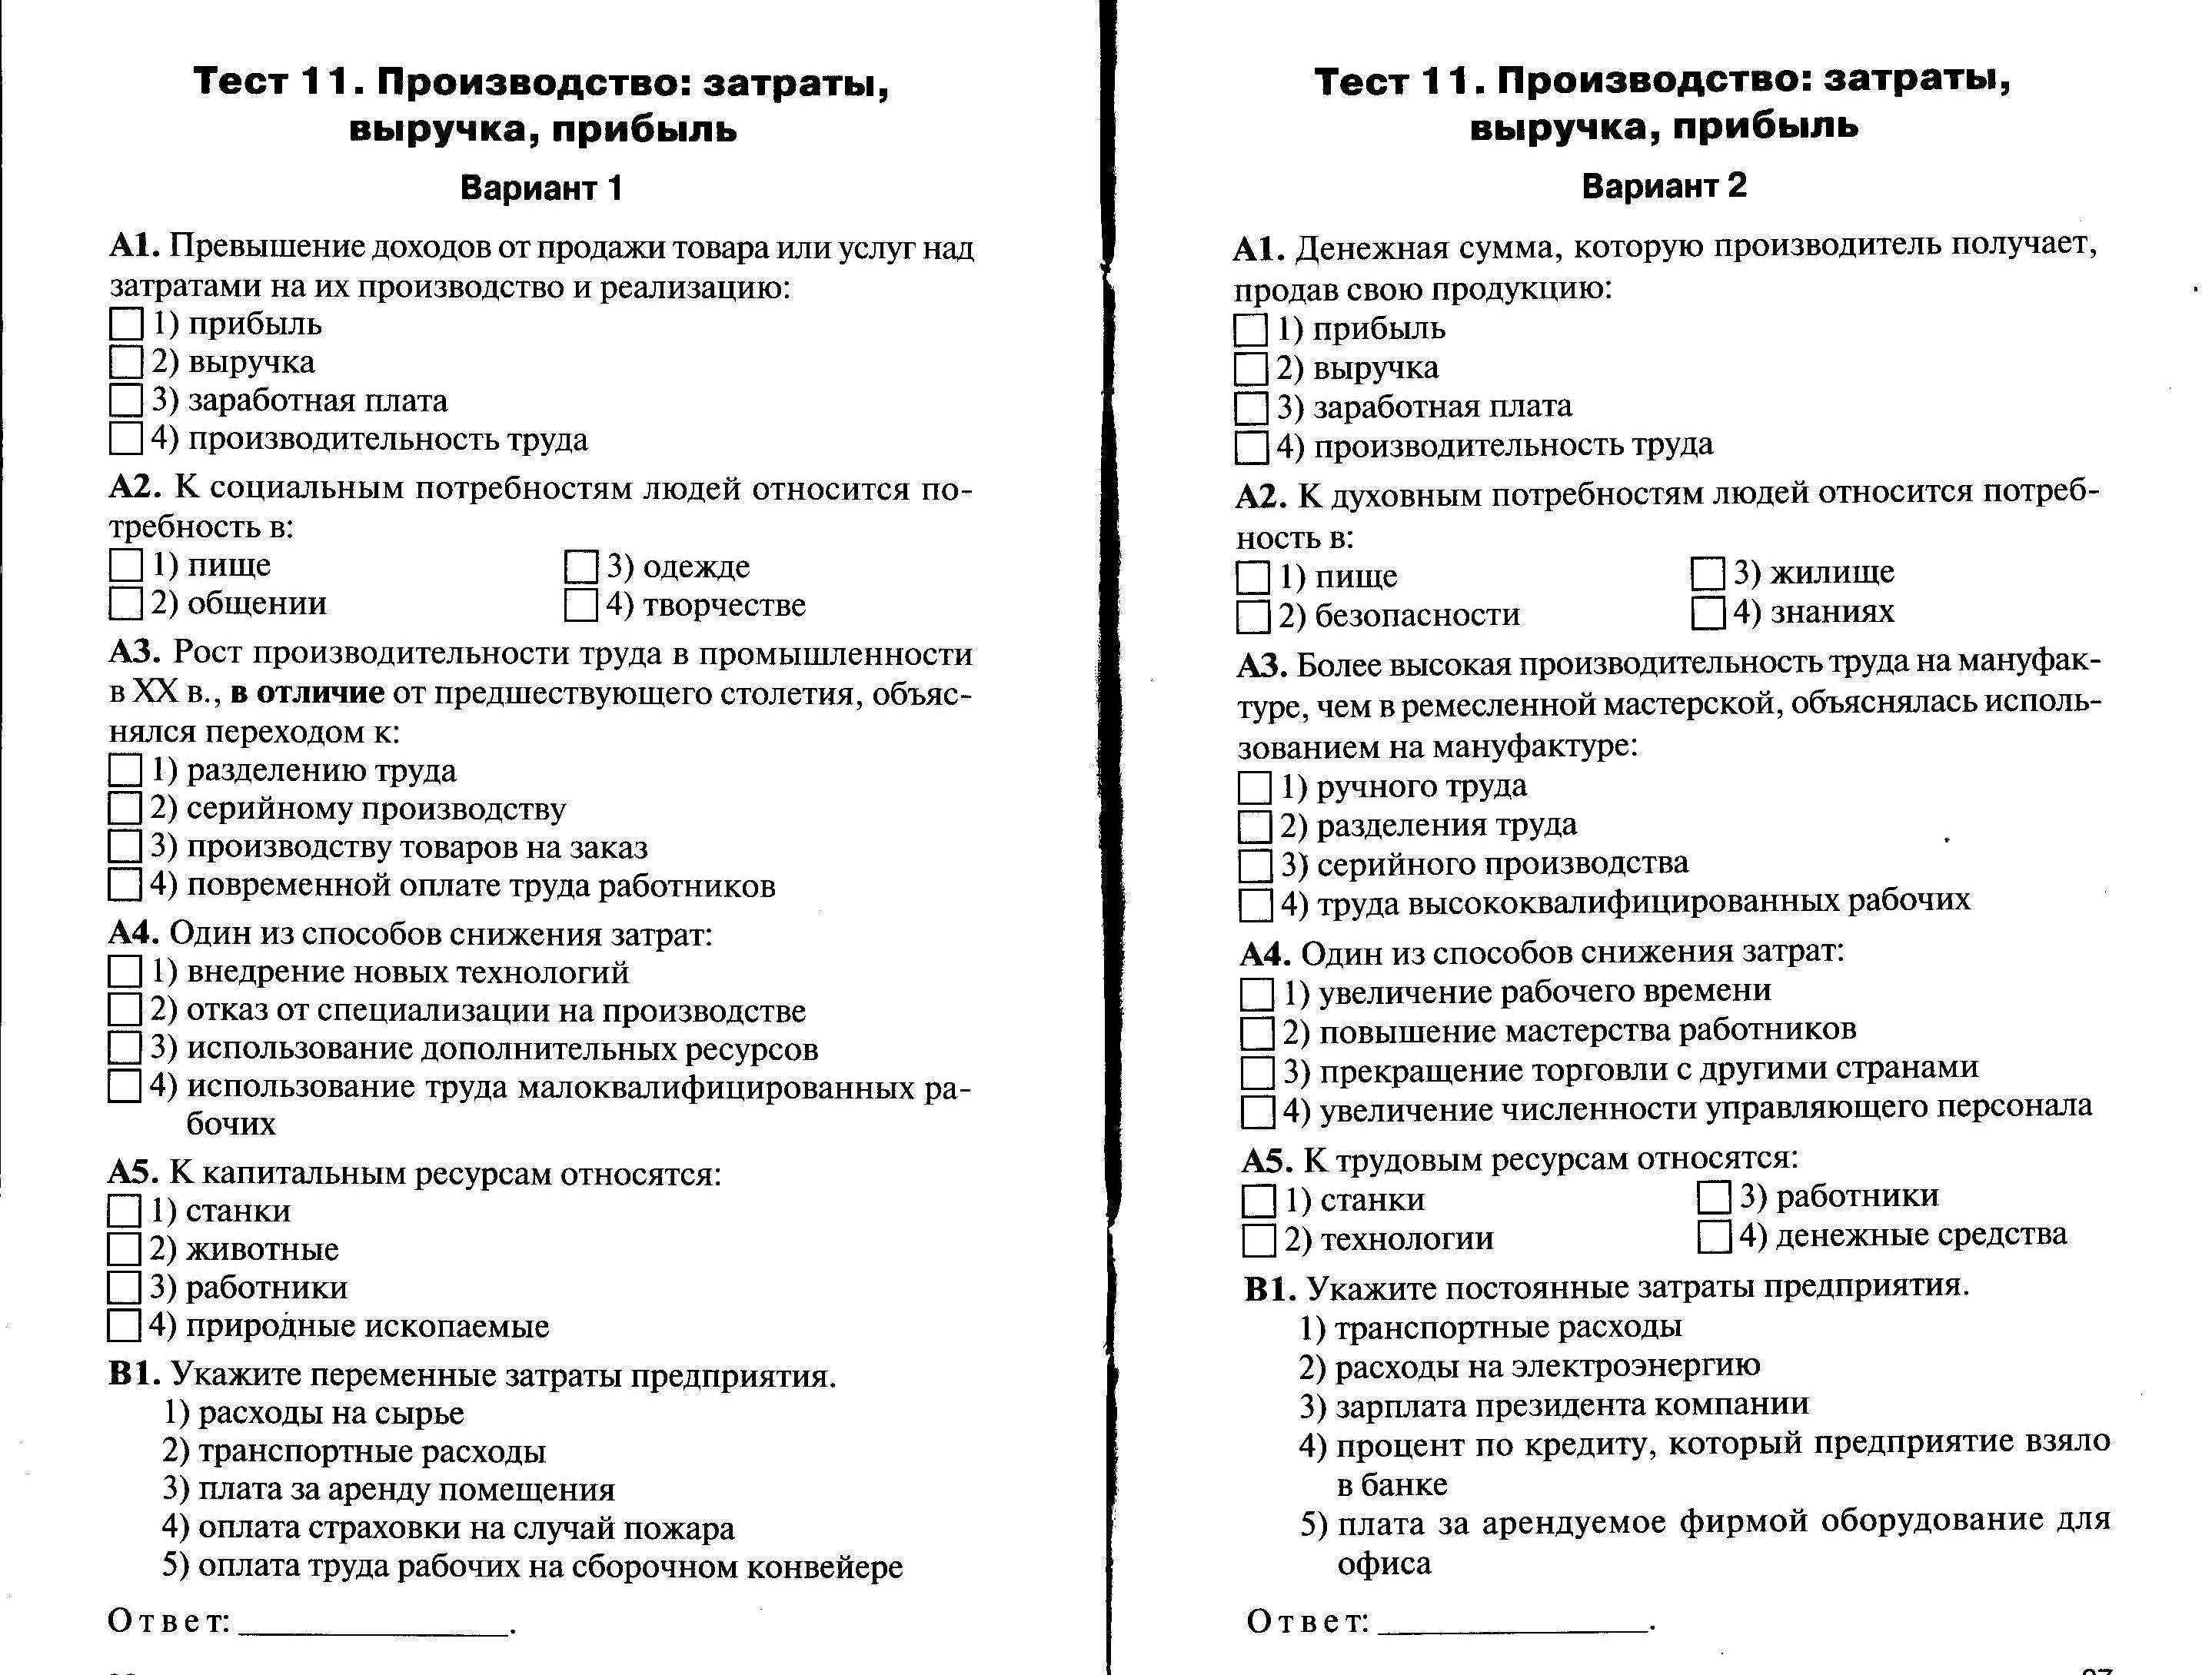 Учебник по английскому 11 класс кауфман онлайн